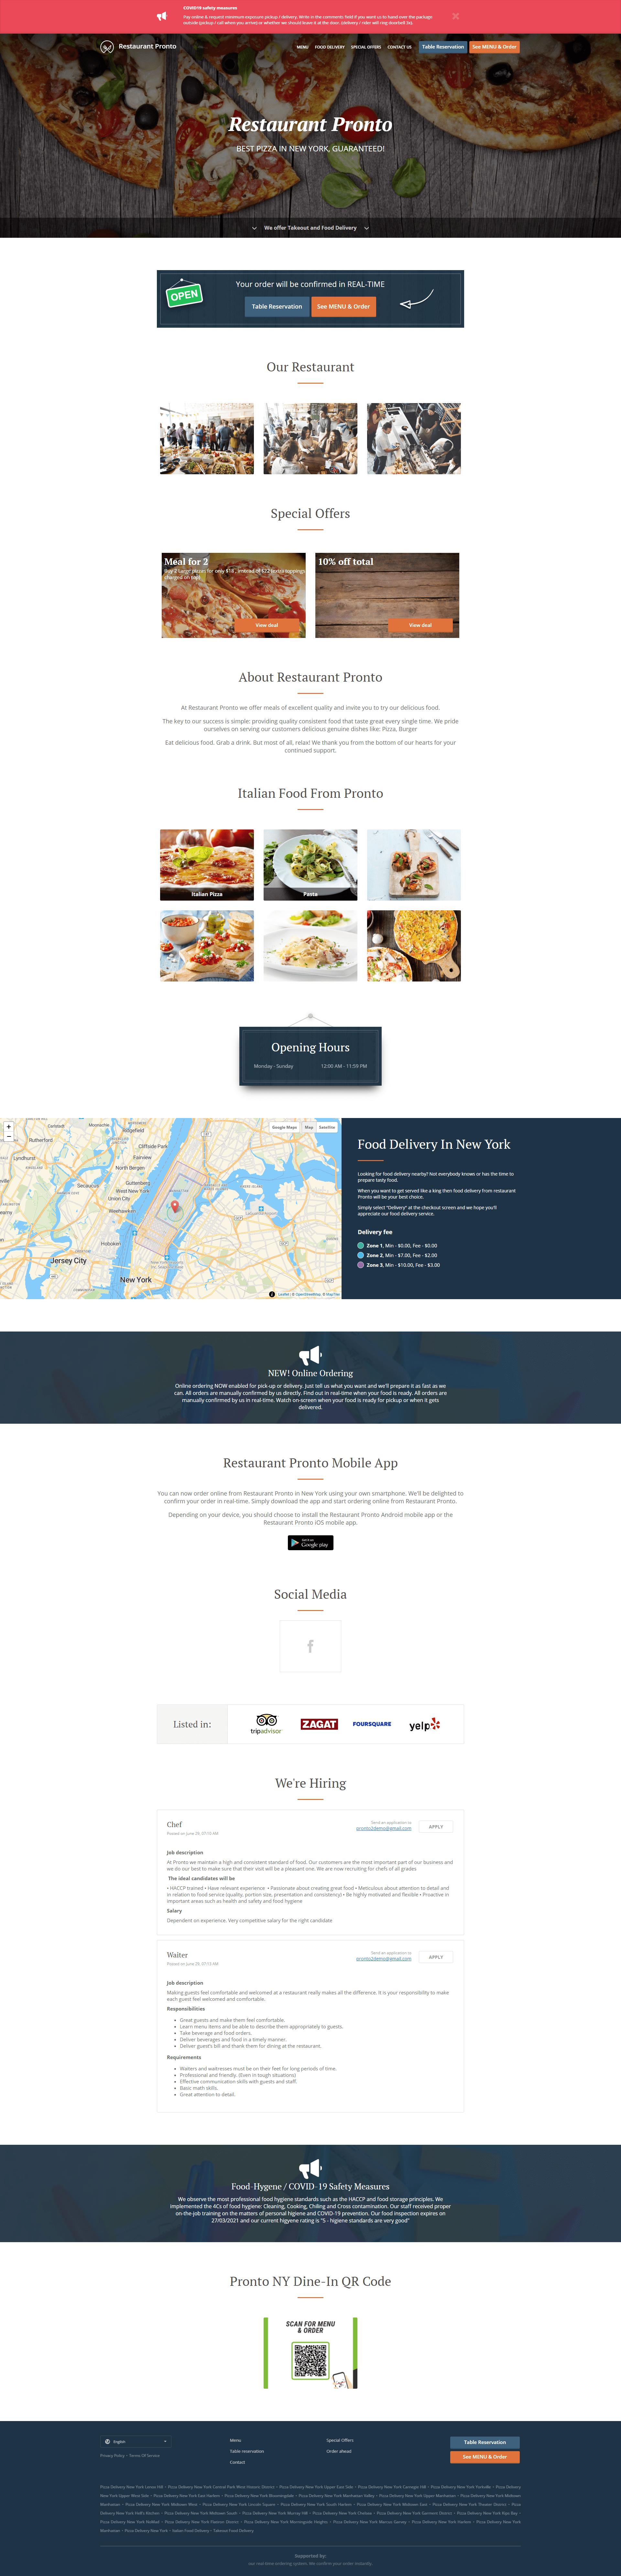 online ordering website demo